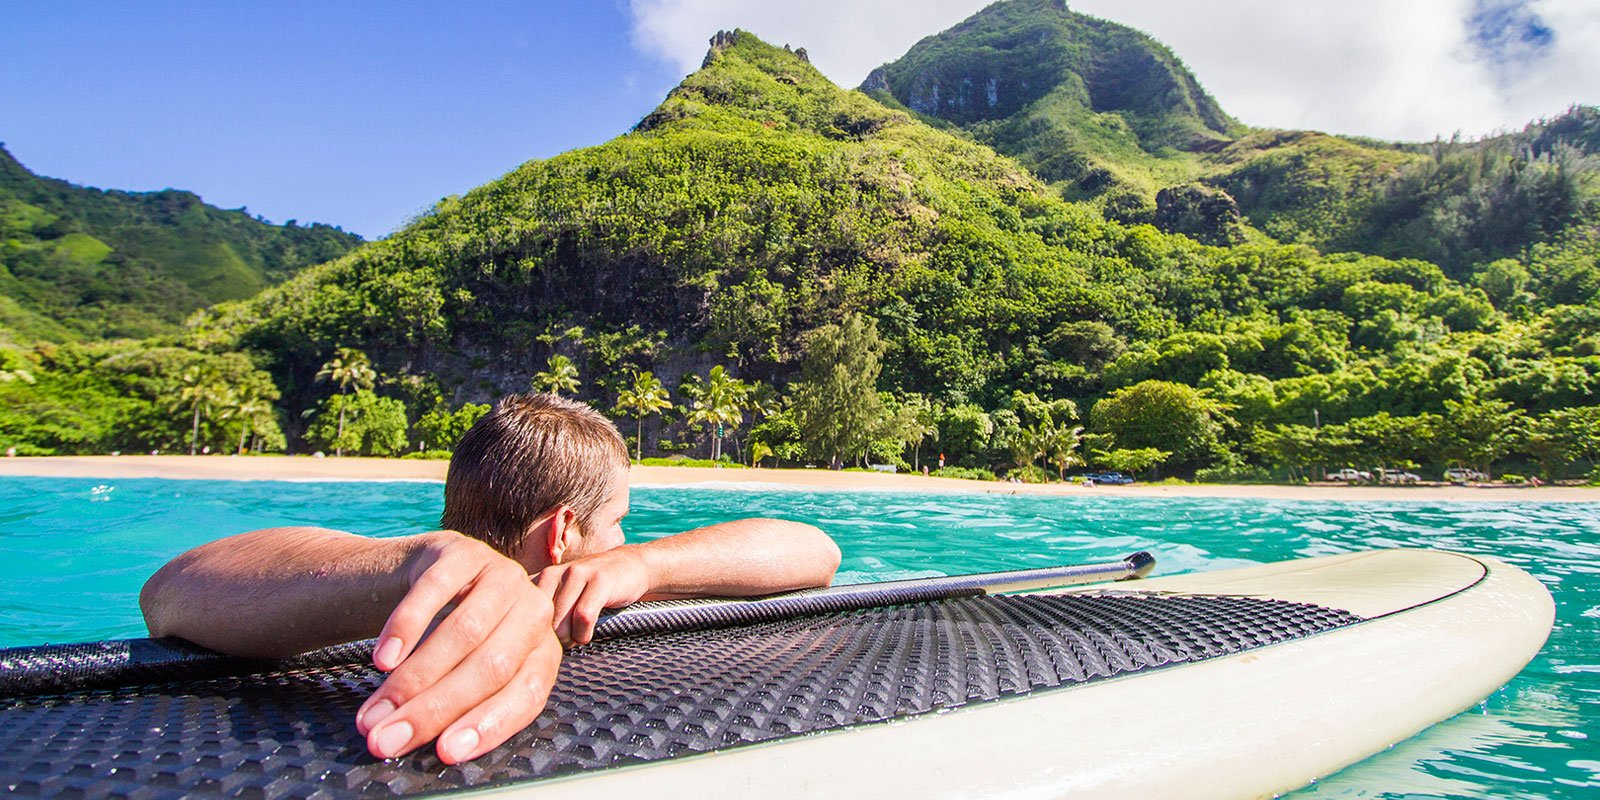 SUP paddler on Kauai